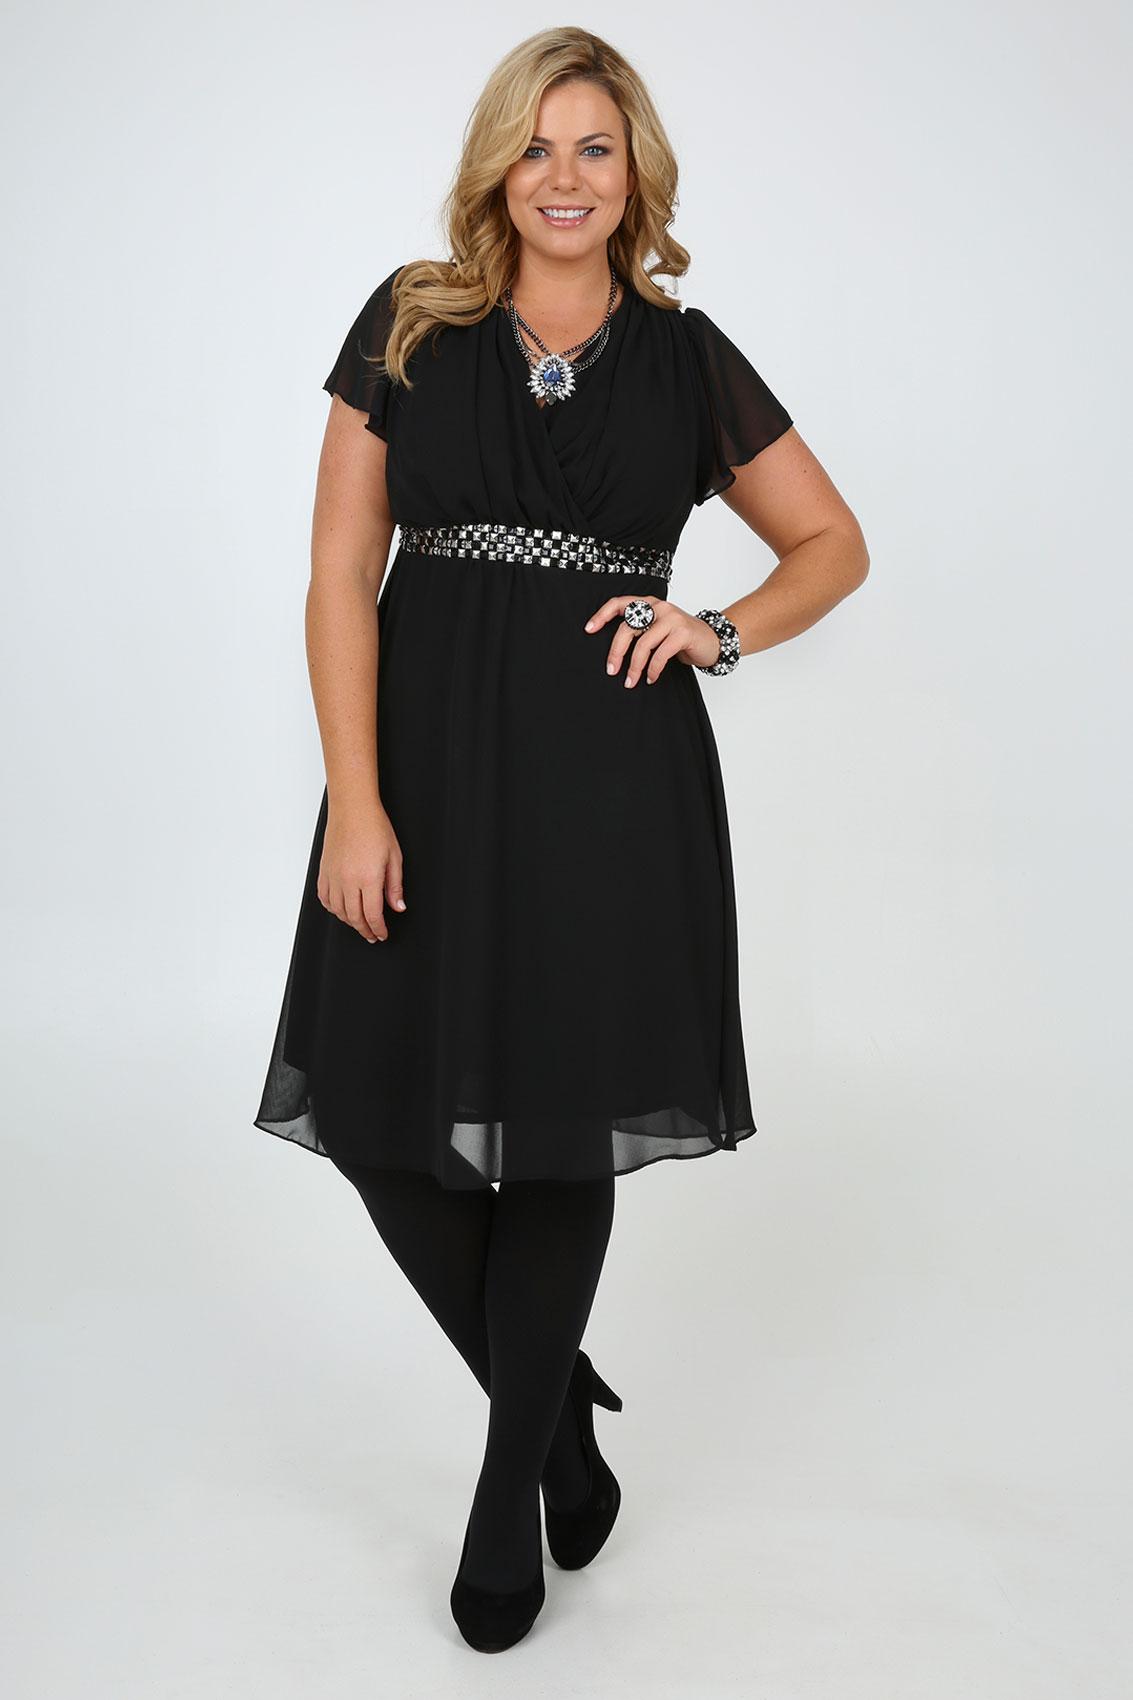 Black Midi Dress Size 18 - Make You Look Like A Princess